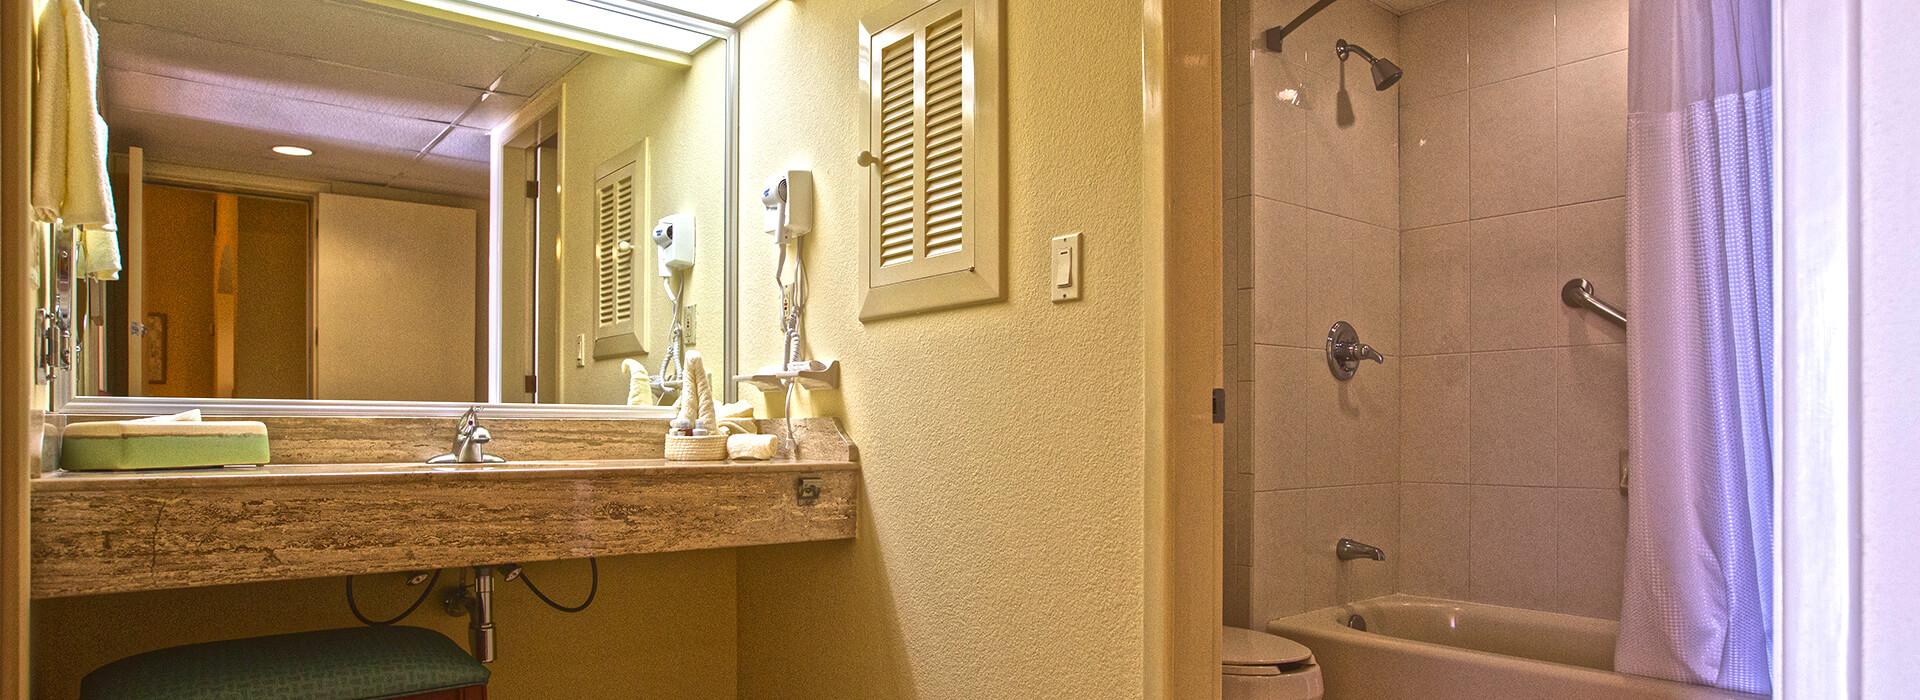 Villas de dos recámaras frente al mar y baño completo en el Resort Todo Incluido en Cancun